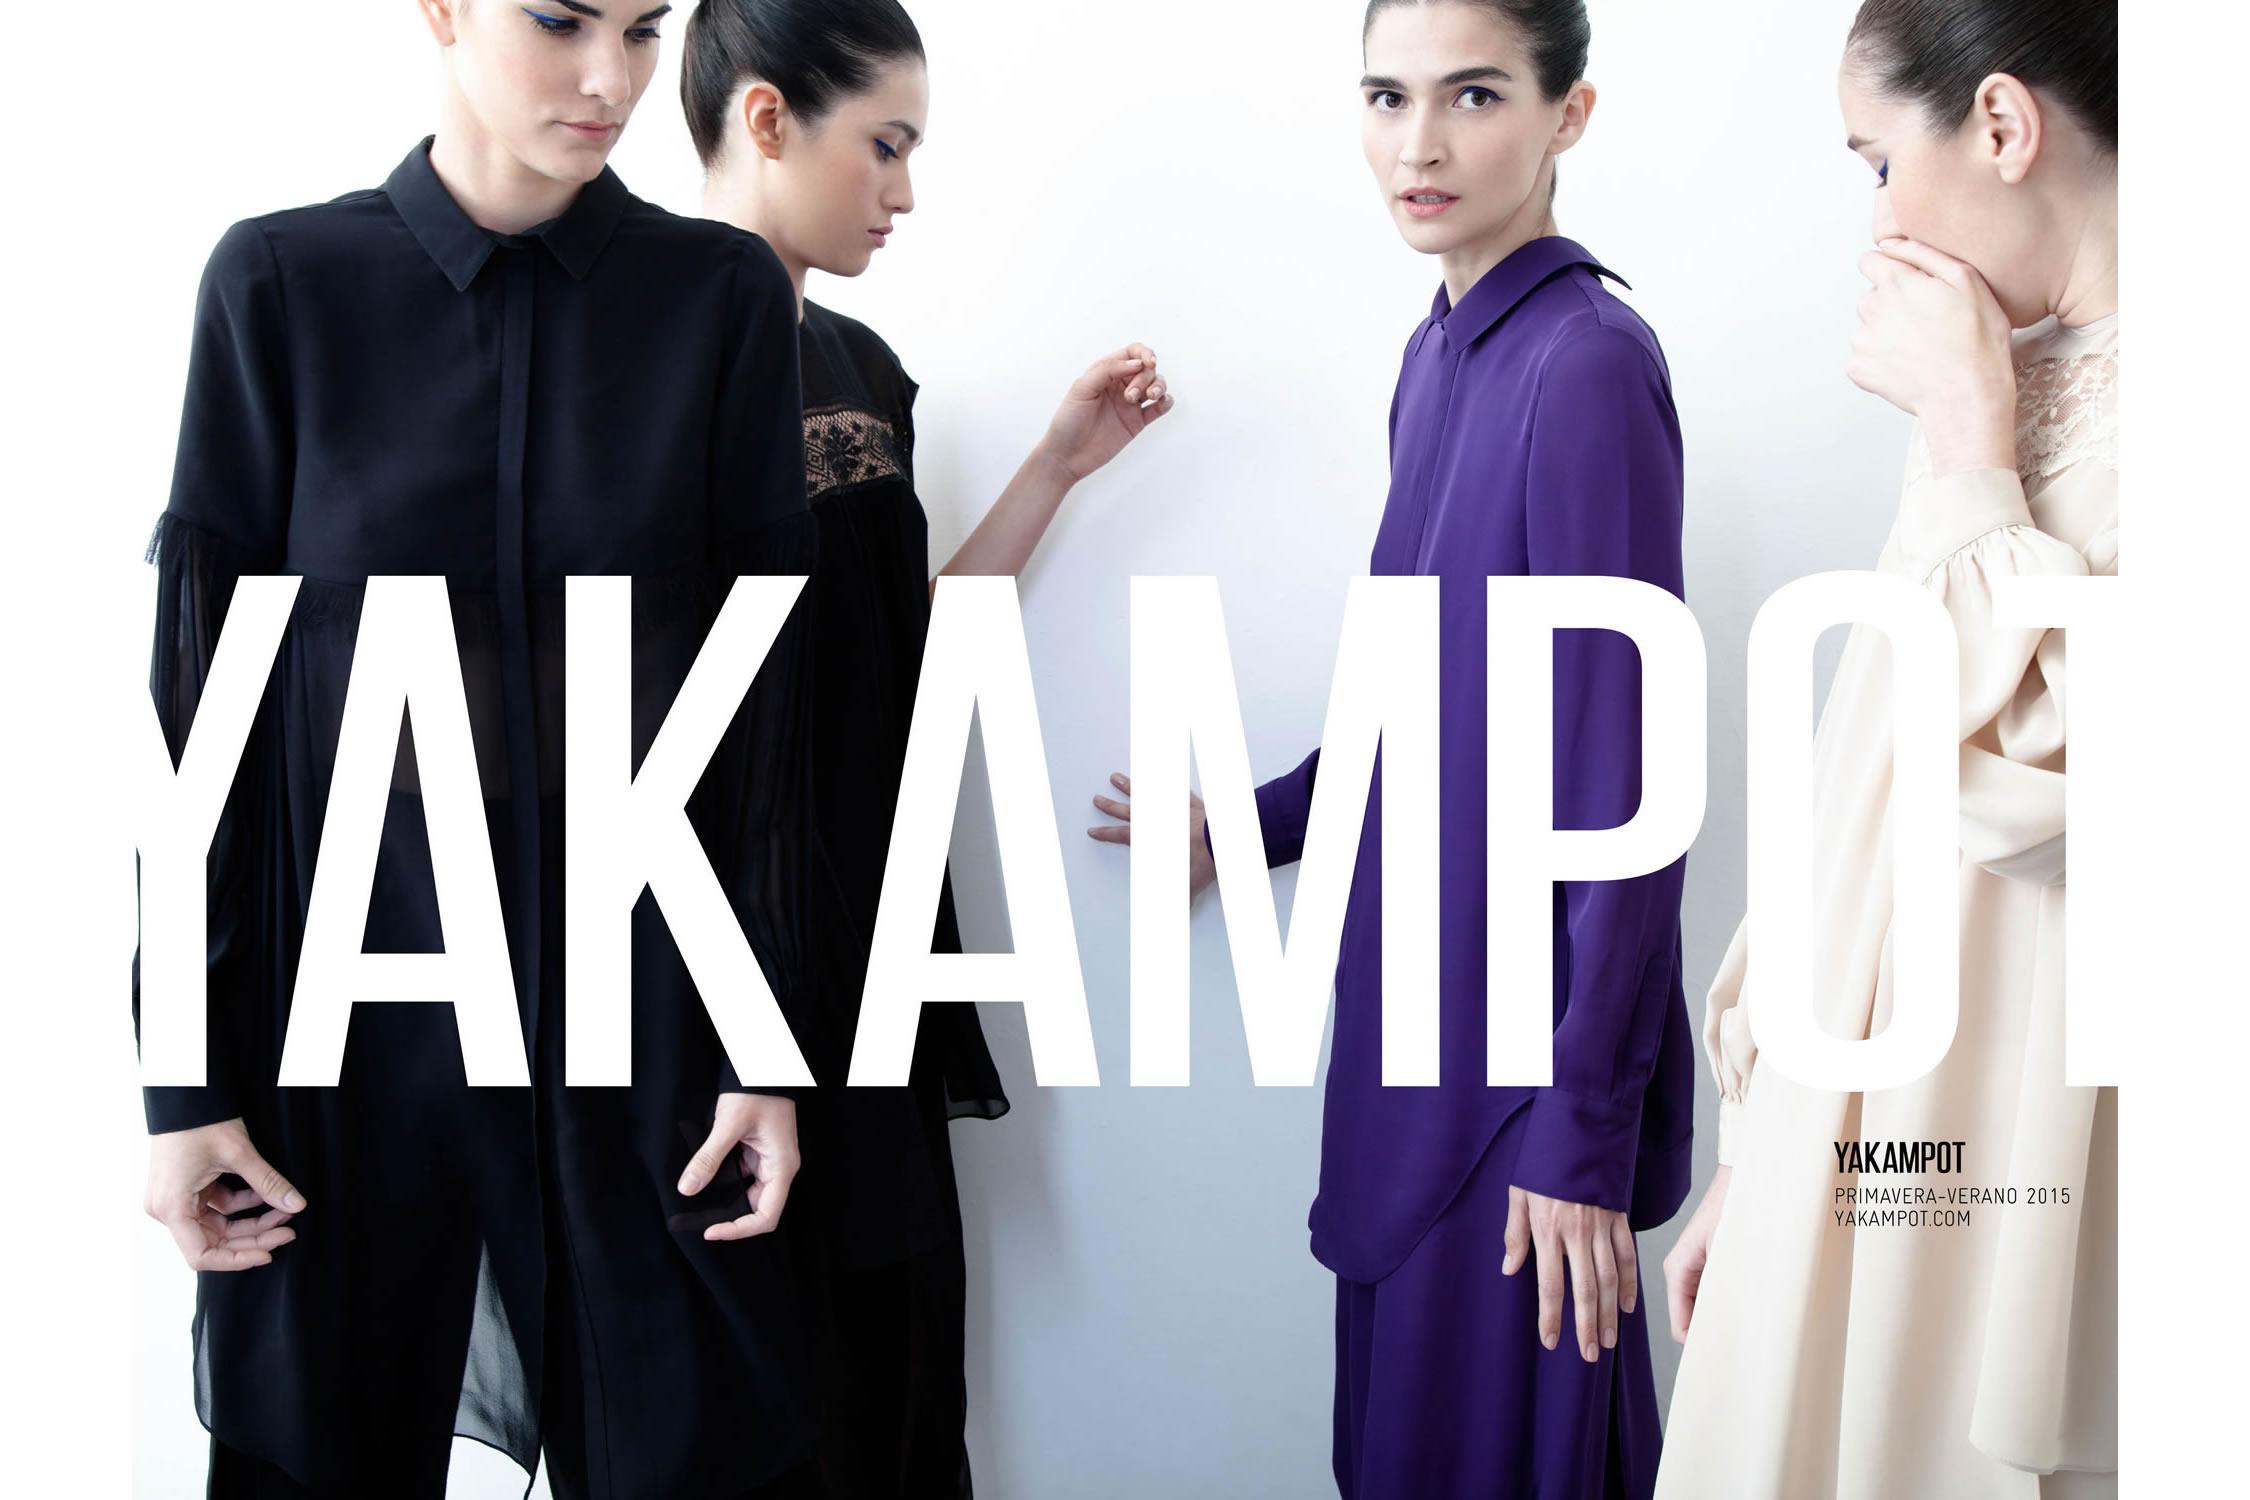 La simpleza tiene nombre y se llama YAKAMPOT